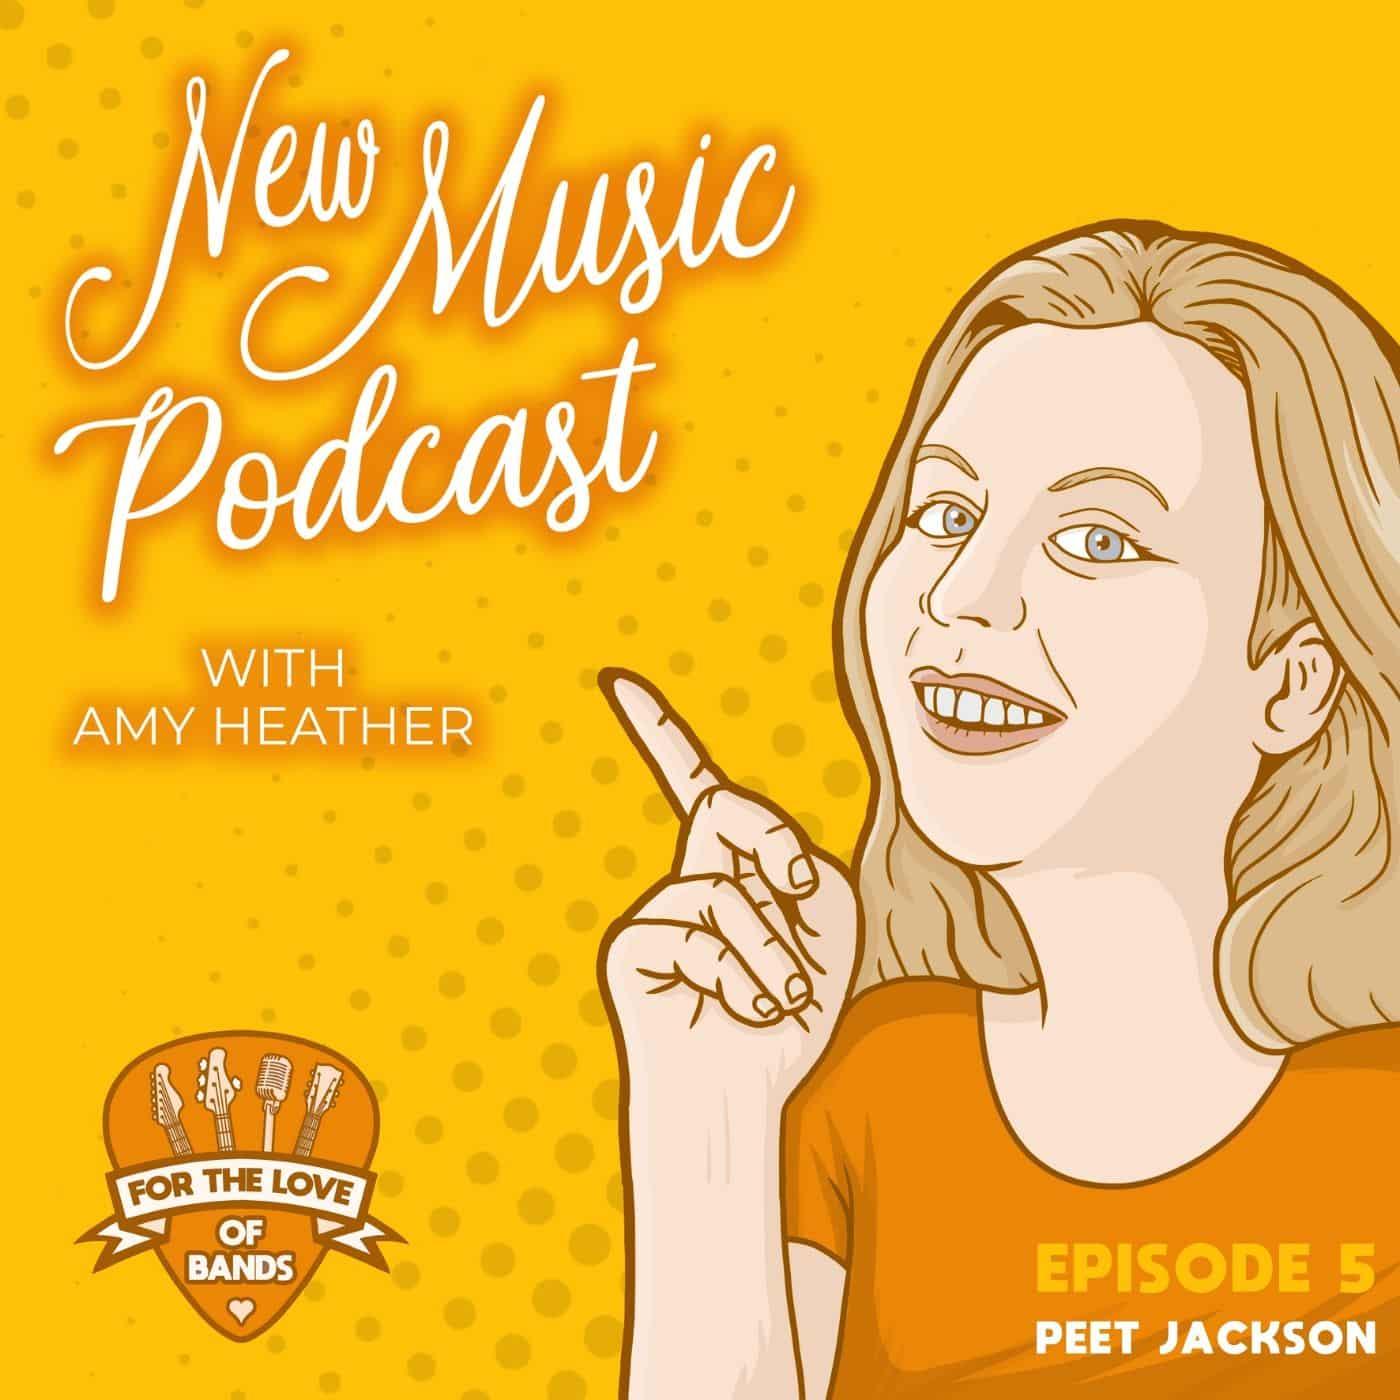 Peet Jackson - New Music Podcast Episode 5